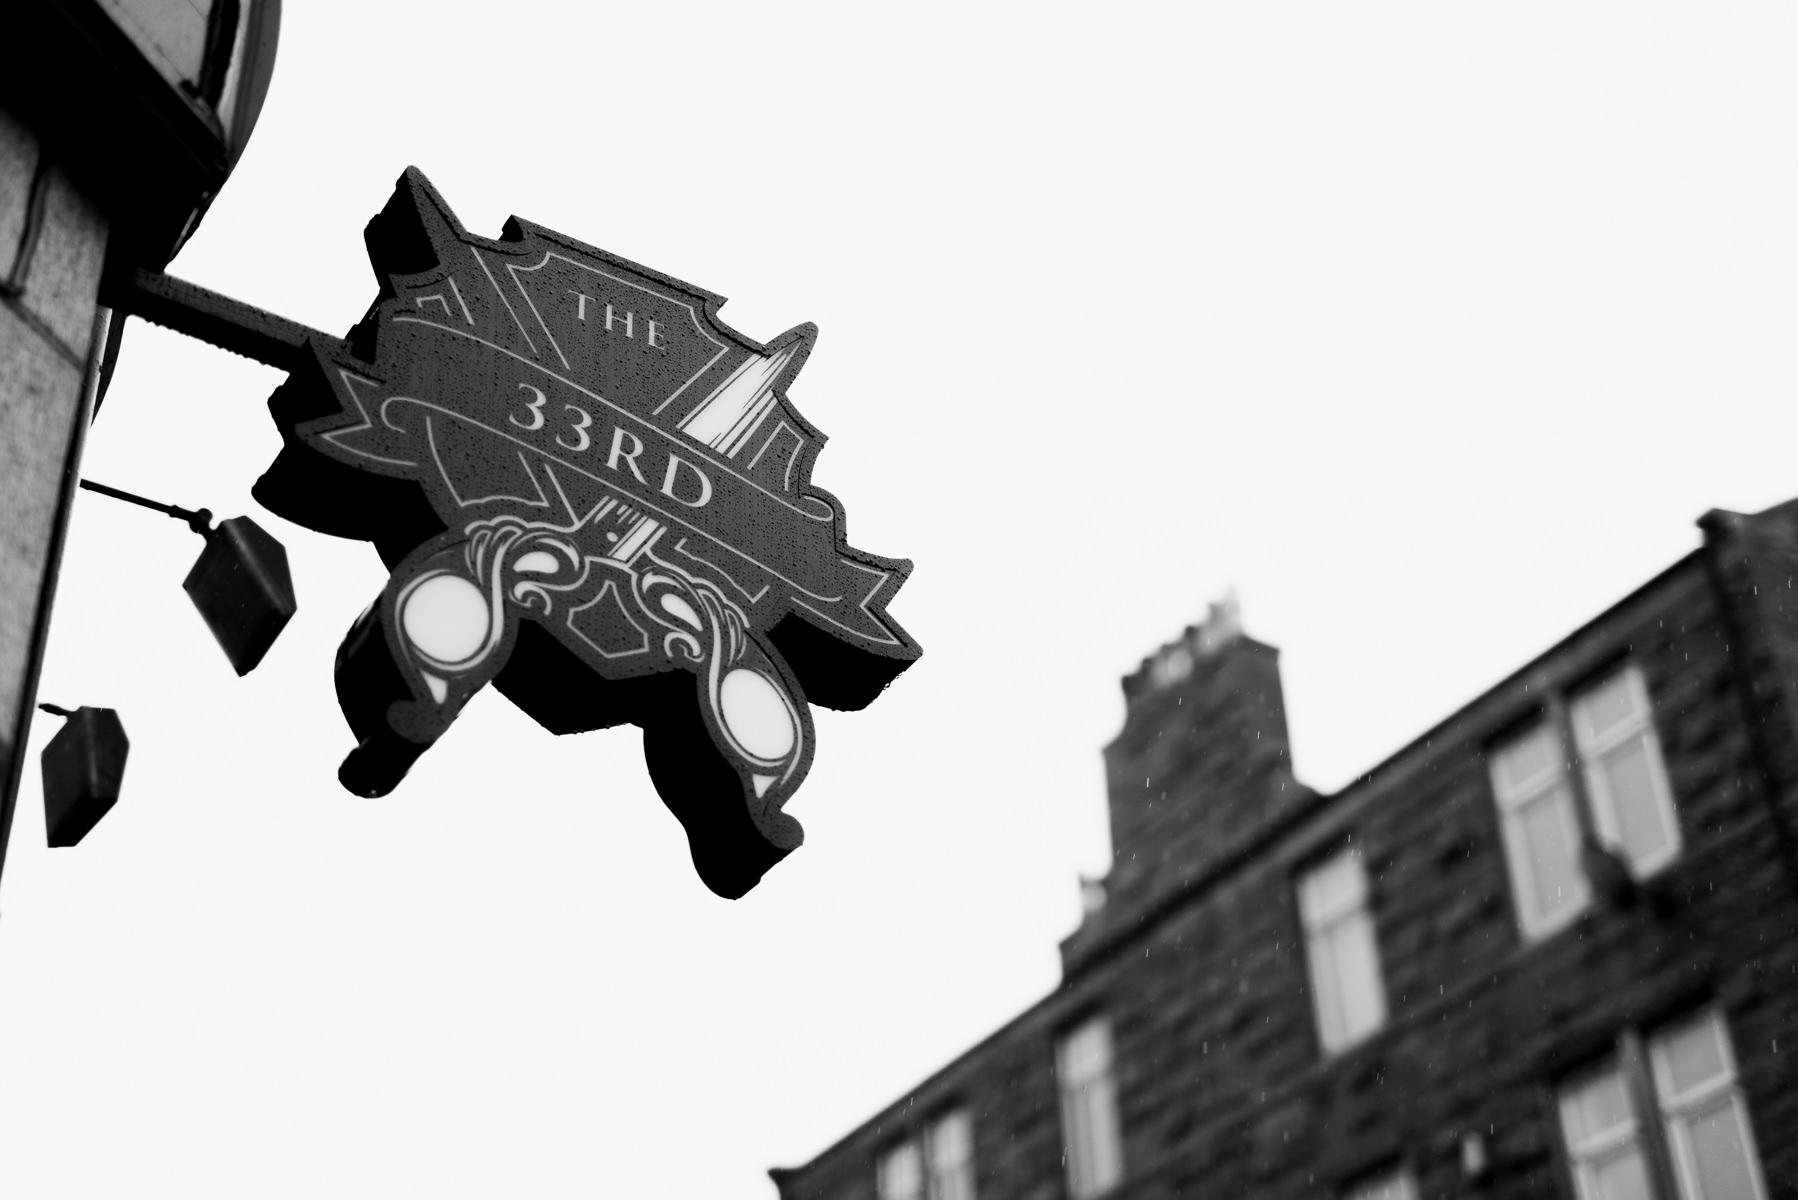 Our Aberdeen Shop Sign